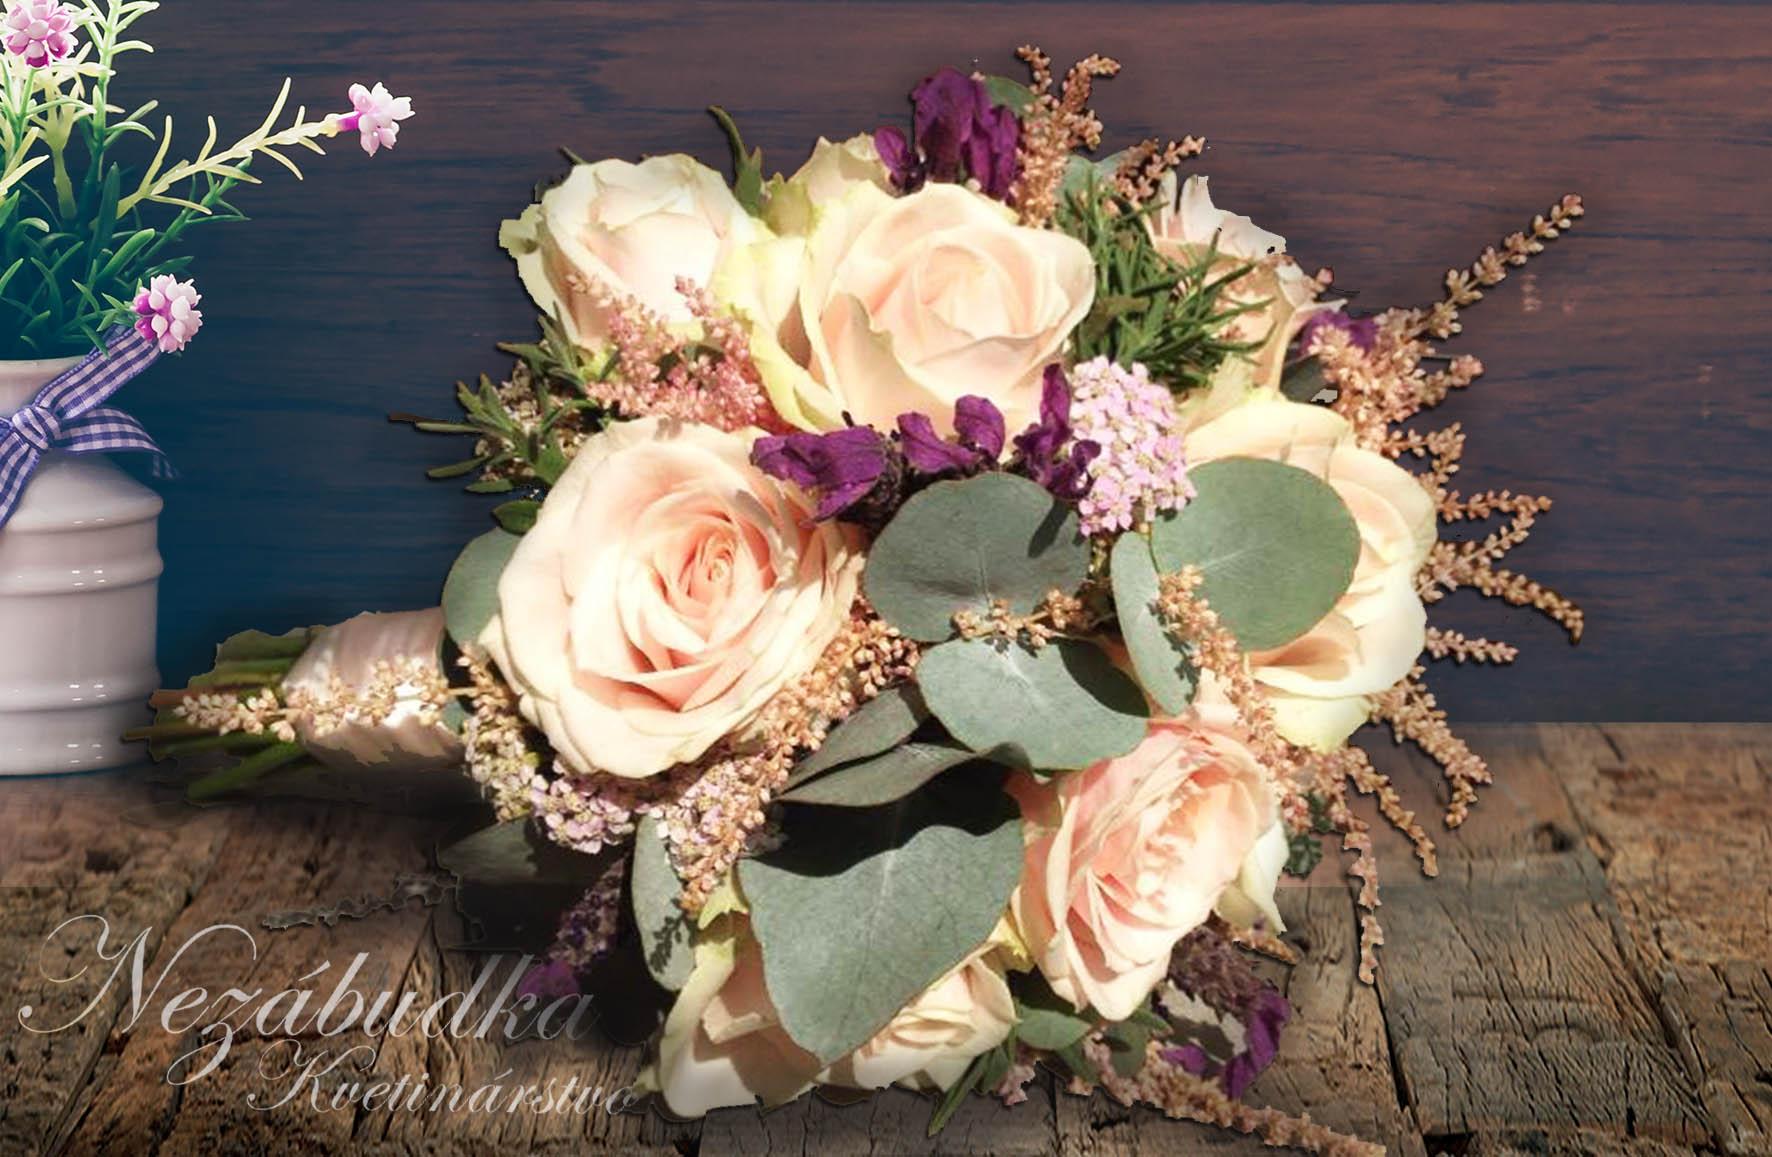 65712afd9 Svadobná kytica púdrová ružová tmavá zelená béžová - Na Vašu svadbu